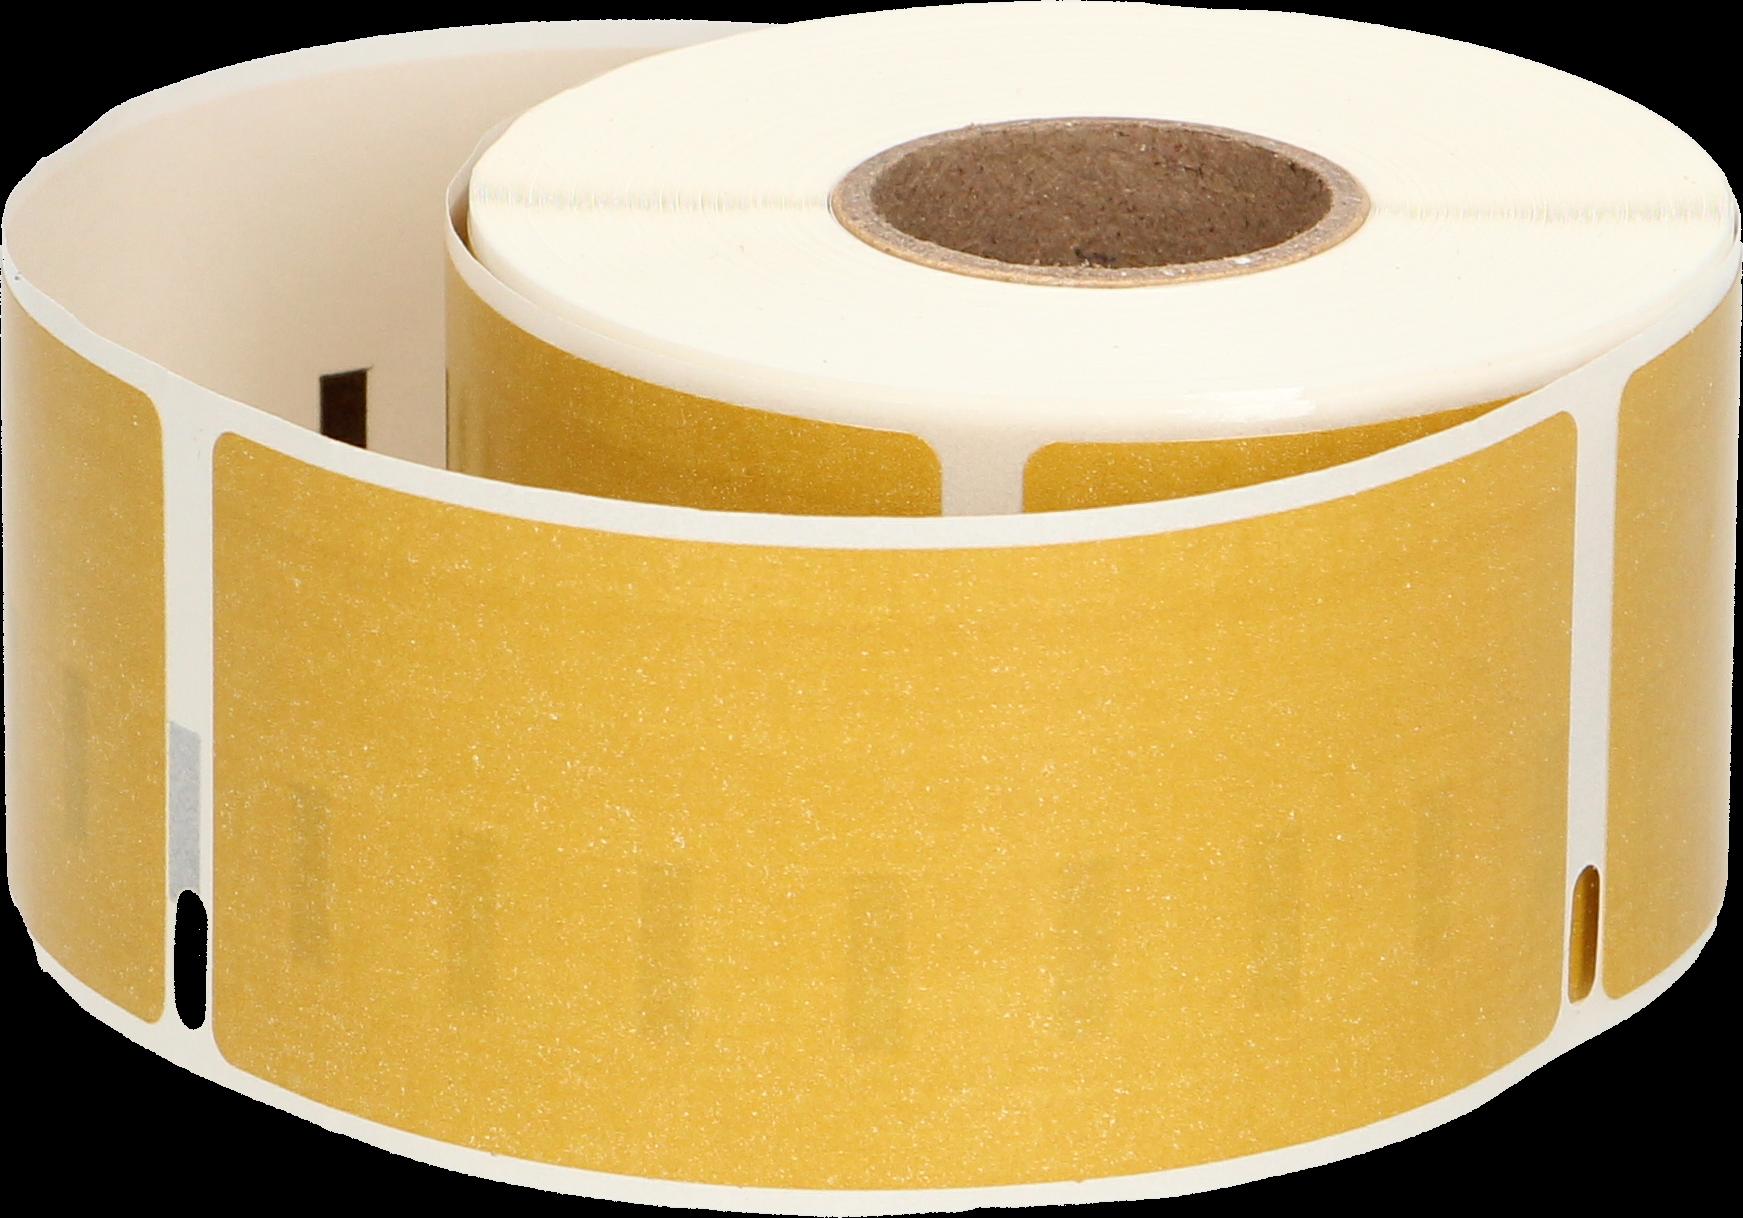 Huismerk Dymo 99012 adreslabel breed goud